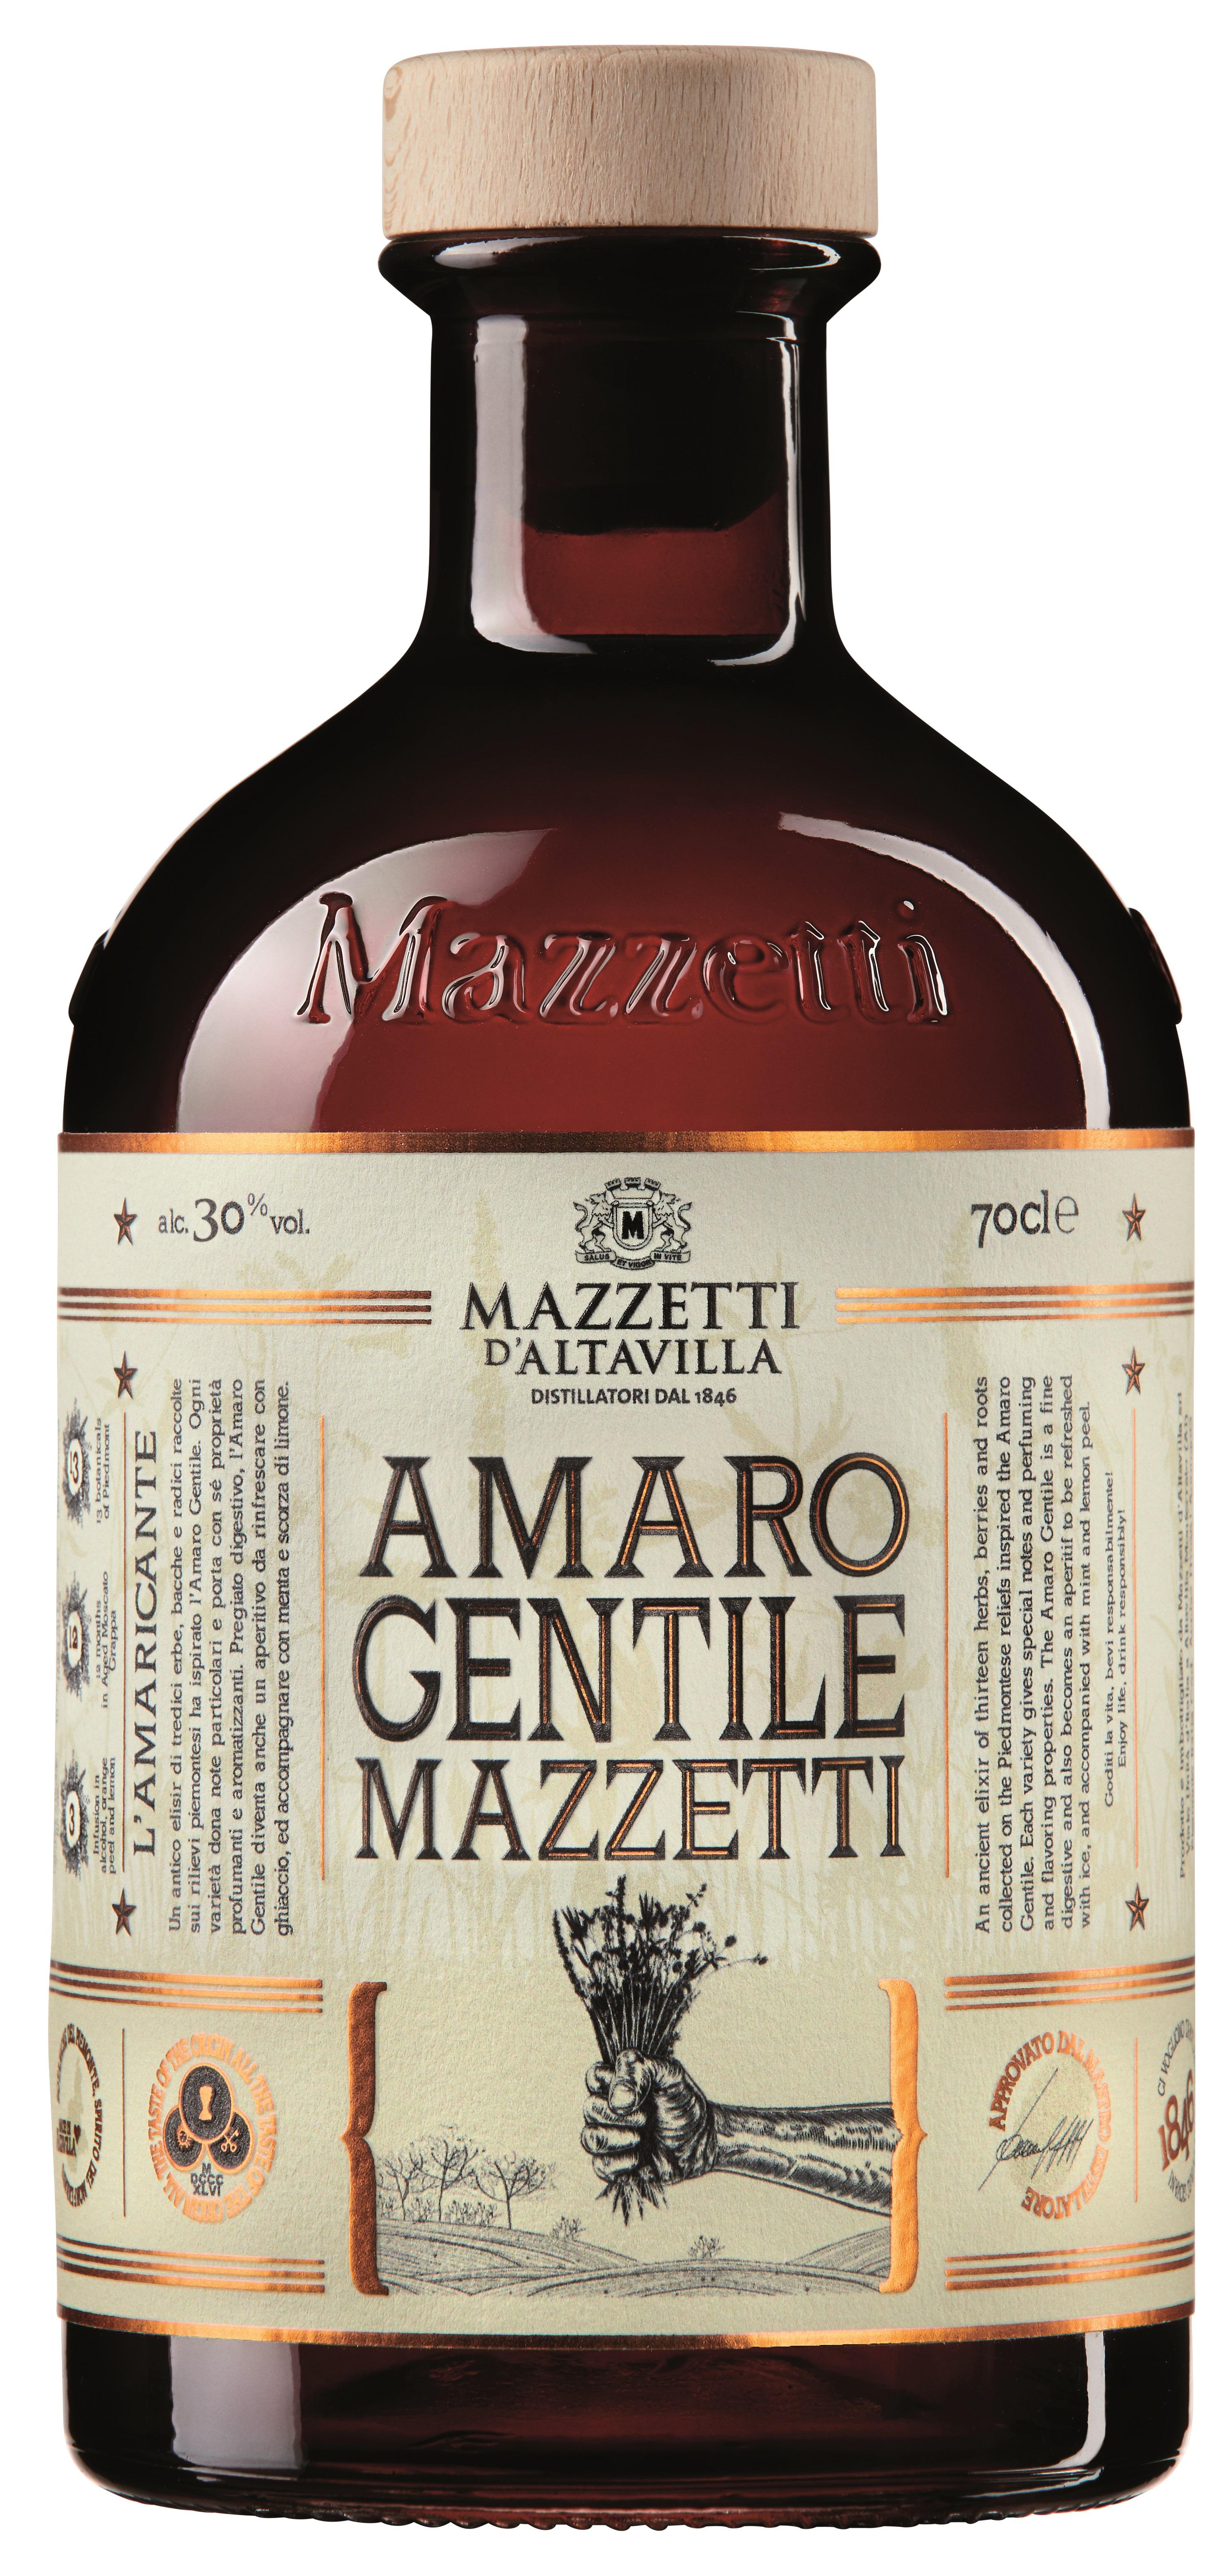 Mazzetti Amaro Gentile